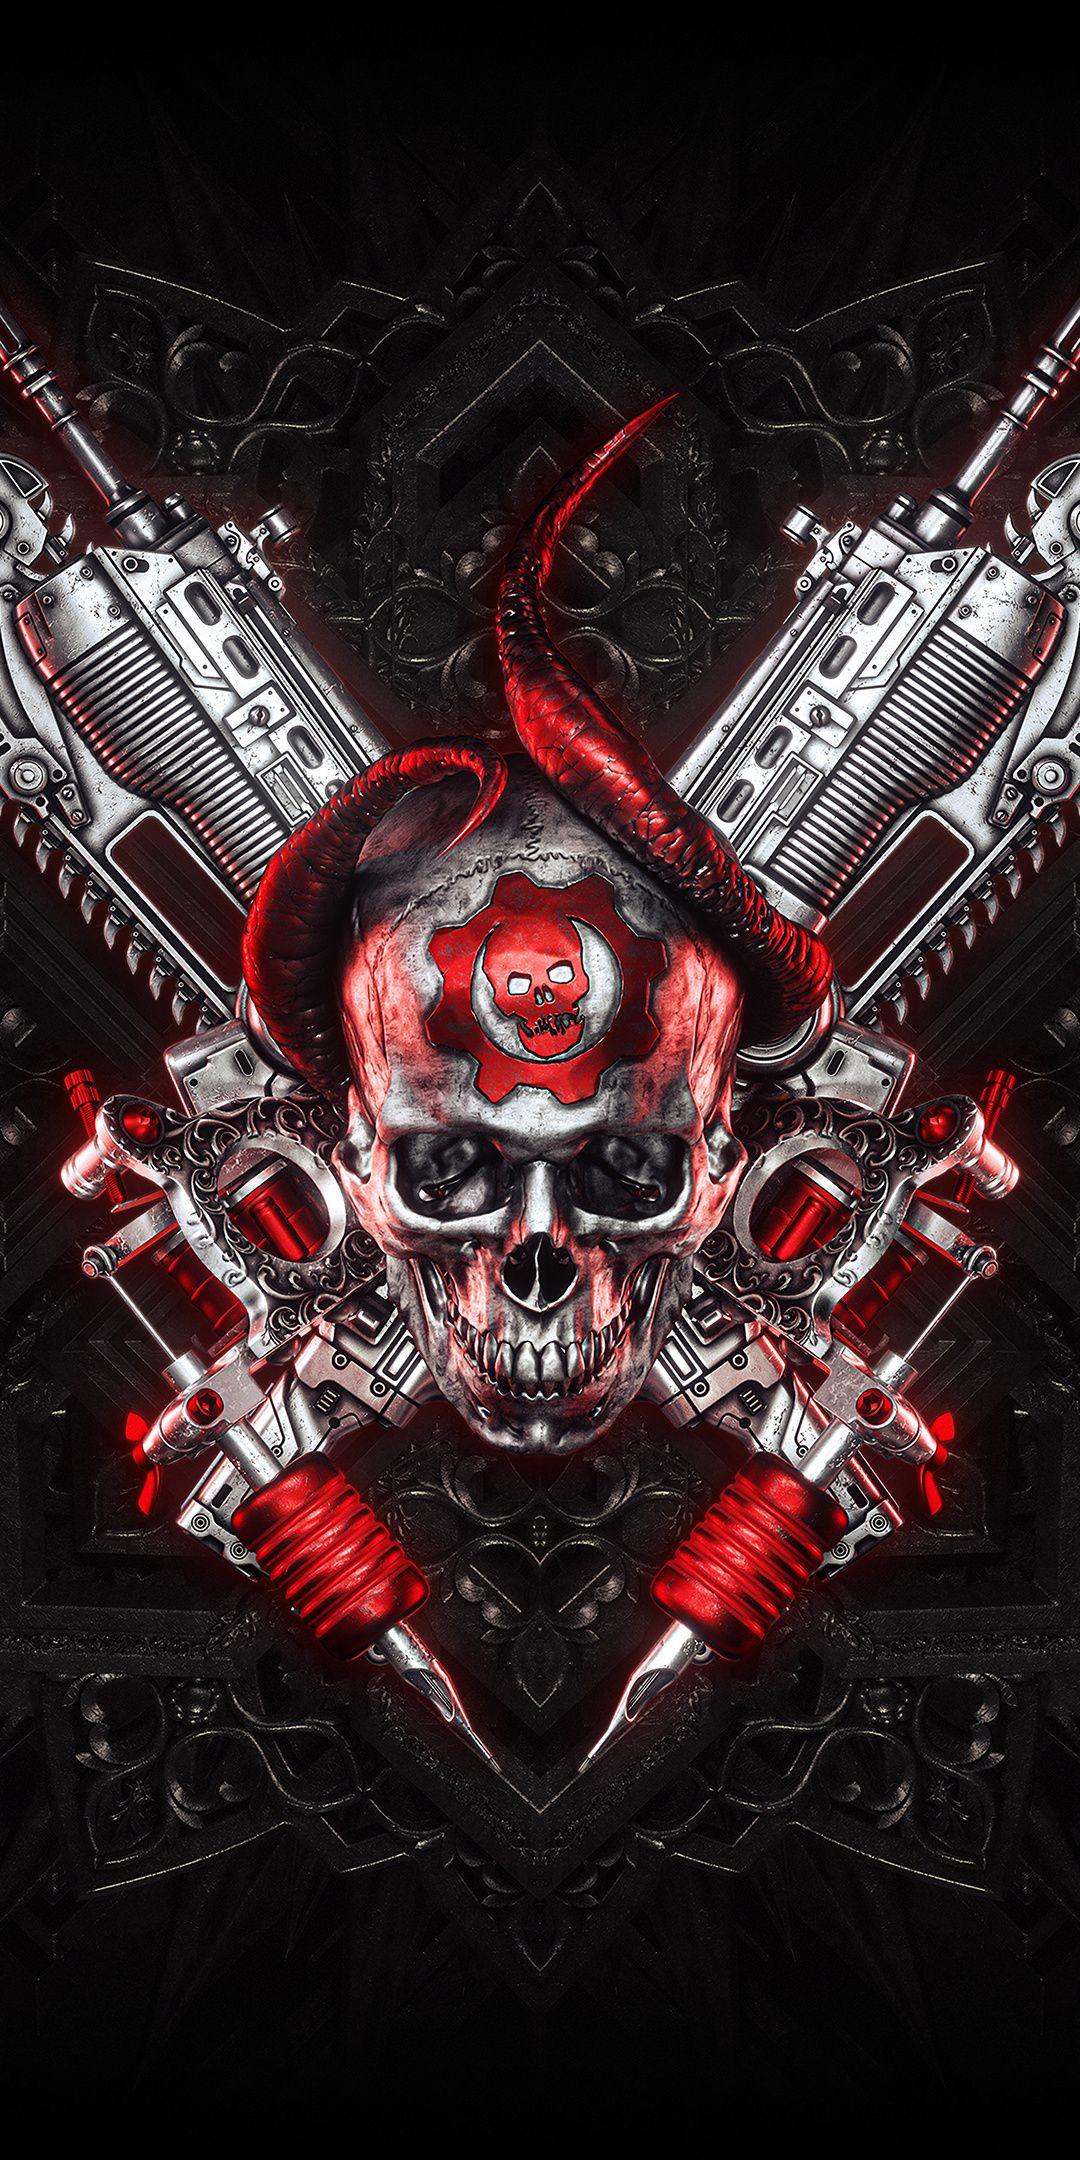 1080x2160 Gears Of War Skull And Guns Logo Wallpaper Descargas